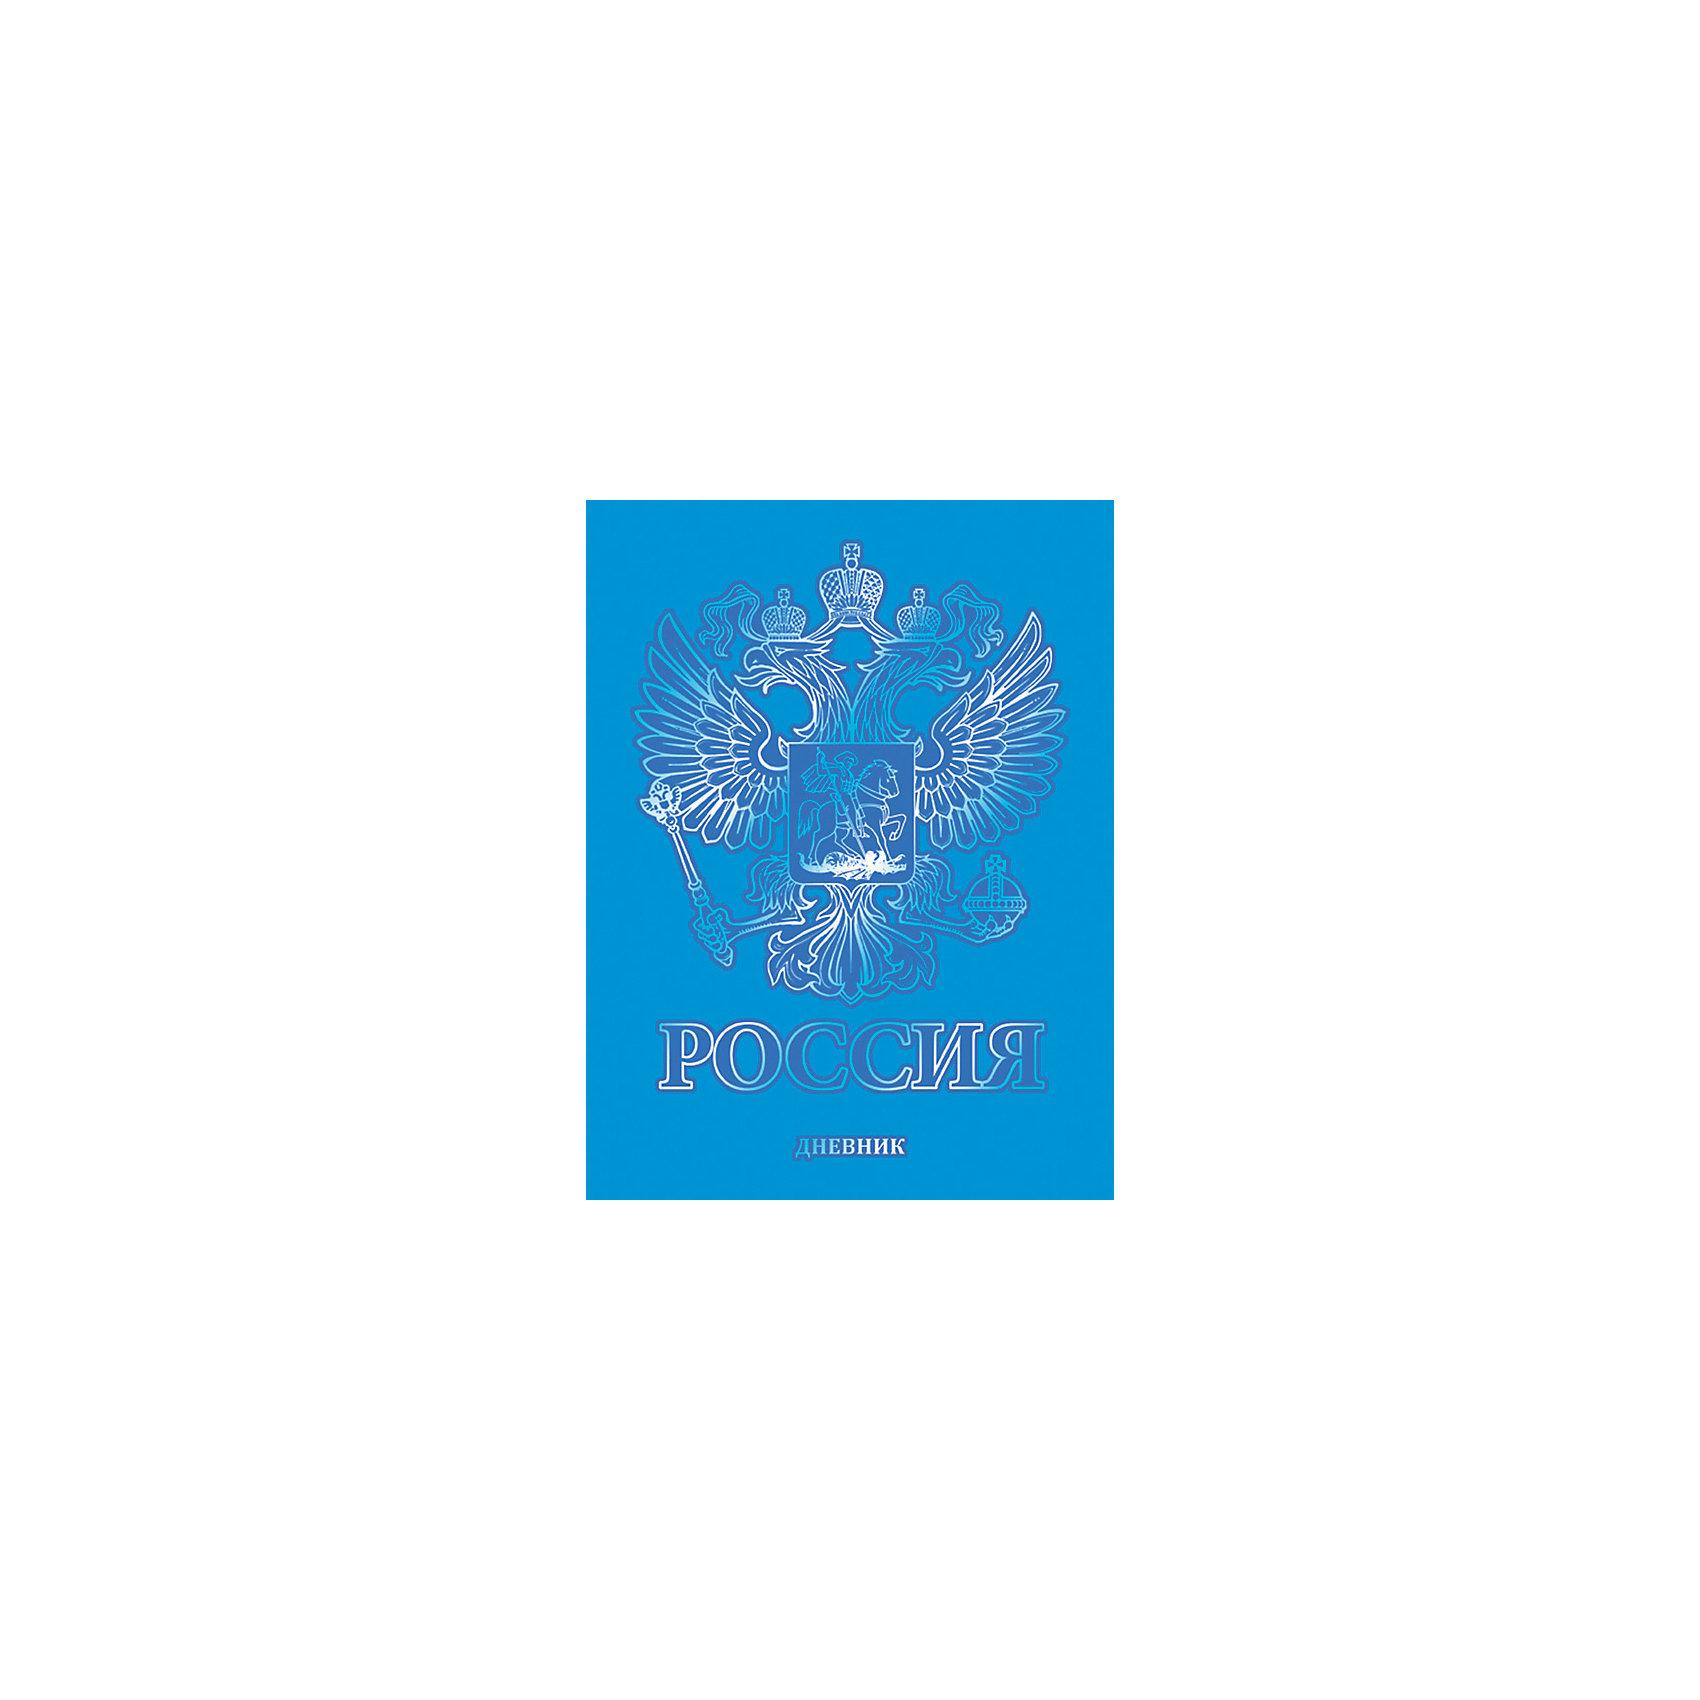 Дневник обложка Российский герб, универсальный блокБумажная продукция<br>Характеристики товара:<br><br>• возраст: от 6 лет;<br>• цвет: синий;<br>• формат: А5;<br>• количество листов: 48;<br>• разметка: в линейку;<br>• бумага: офсетная;<br>• переплет: интегральный;<br>• обложка: исскуственная кожа, картон;<br>• размер: 21,5х17х0,5 см.;<br>• вес: 210 гр.;<br>• страна бренда: Россия;<br>• страна изготовитель: Россия.<br><br>Дневник, обложка Российский герб, универсальный блок - школьный дневник 1-11 классы, имеет сшитый внутренний блок, состоящий из 48 листов белой бумаги (плотность 70г/кв.м.) с линовкой синего цвета и тиснением из фольги. Прочная и приятная на ощупь обложка выполнена из высококачественной искусственной кожи с изображением герба Российской Федерации.<br><br>Первая страница дневника представляет собой анкету для личных данных владельца, также на ней указаны телефоны экстренной помощи. На следующих страницах находятся гимн Российской Федерации, список преподавателей,  расписание кружков, секций и факультативов, заметки классного руководителя и учителей. На последних страницах дневника имеются сведения о заданиях на каникулы, список литературы для чтения, сведения об успеваемости и поведении ребенка за учебный год, список одноклассников и справочный материал по различным предметам.<br><br>Дневник - это первый ежедневник вашего ребенка. Он поможет ему не забыть свои задания, а вы всегда сможете проконтролировать его успеваемость.<br><br>Дневник обложка Российский герб, универсальный блок, можно купить в нашем интернет-магазине.<br><br>Ширина мм: 215<br>Глубина мм: 170<br>Высота мм: 5<br>Вес г: 225<br>Возраст от месяцев: 36<br>Возраст до месяцев: 216<br>Пол: Унисекс<br>Возраст: Детский<br>SKU: 6992532